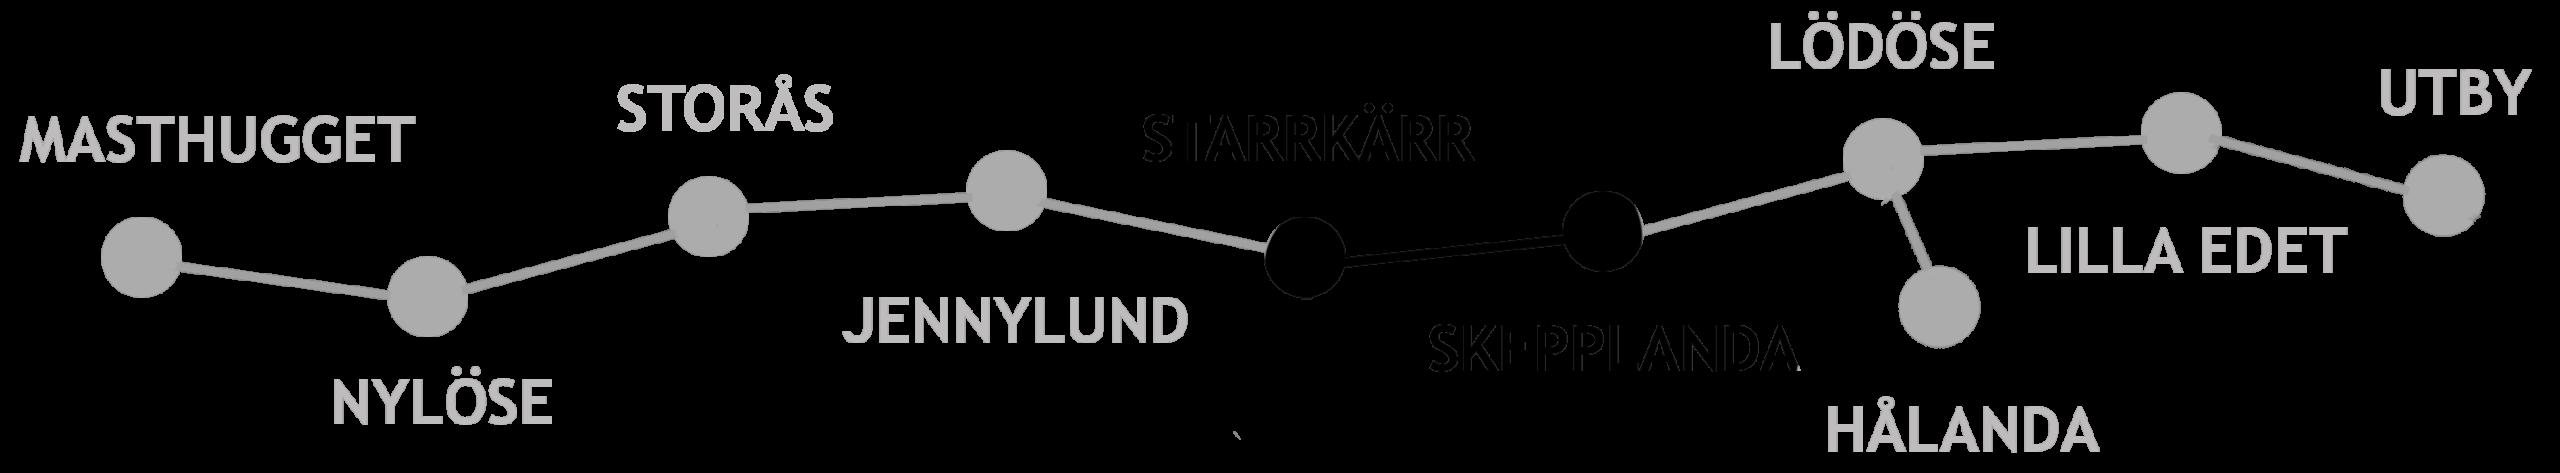 ETAPP 5: STARRKÄRR – SKEPPLANDA